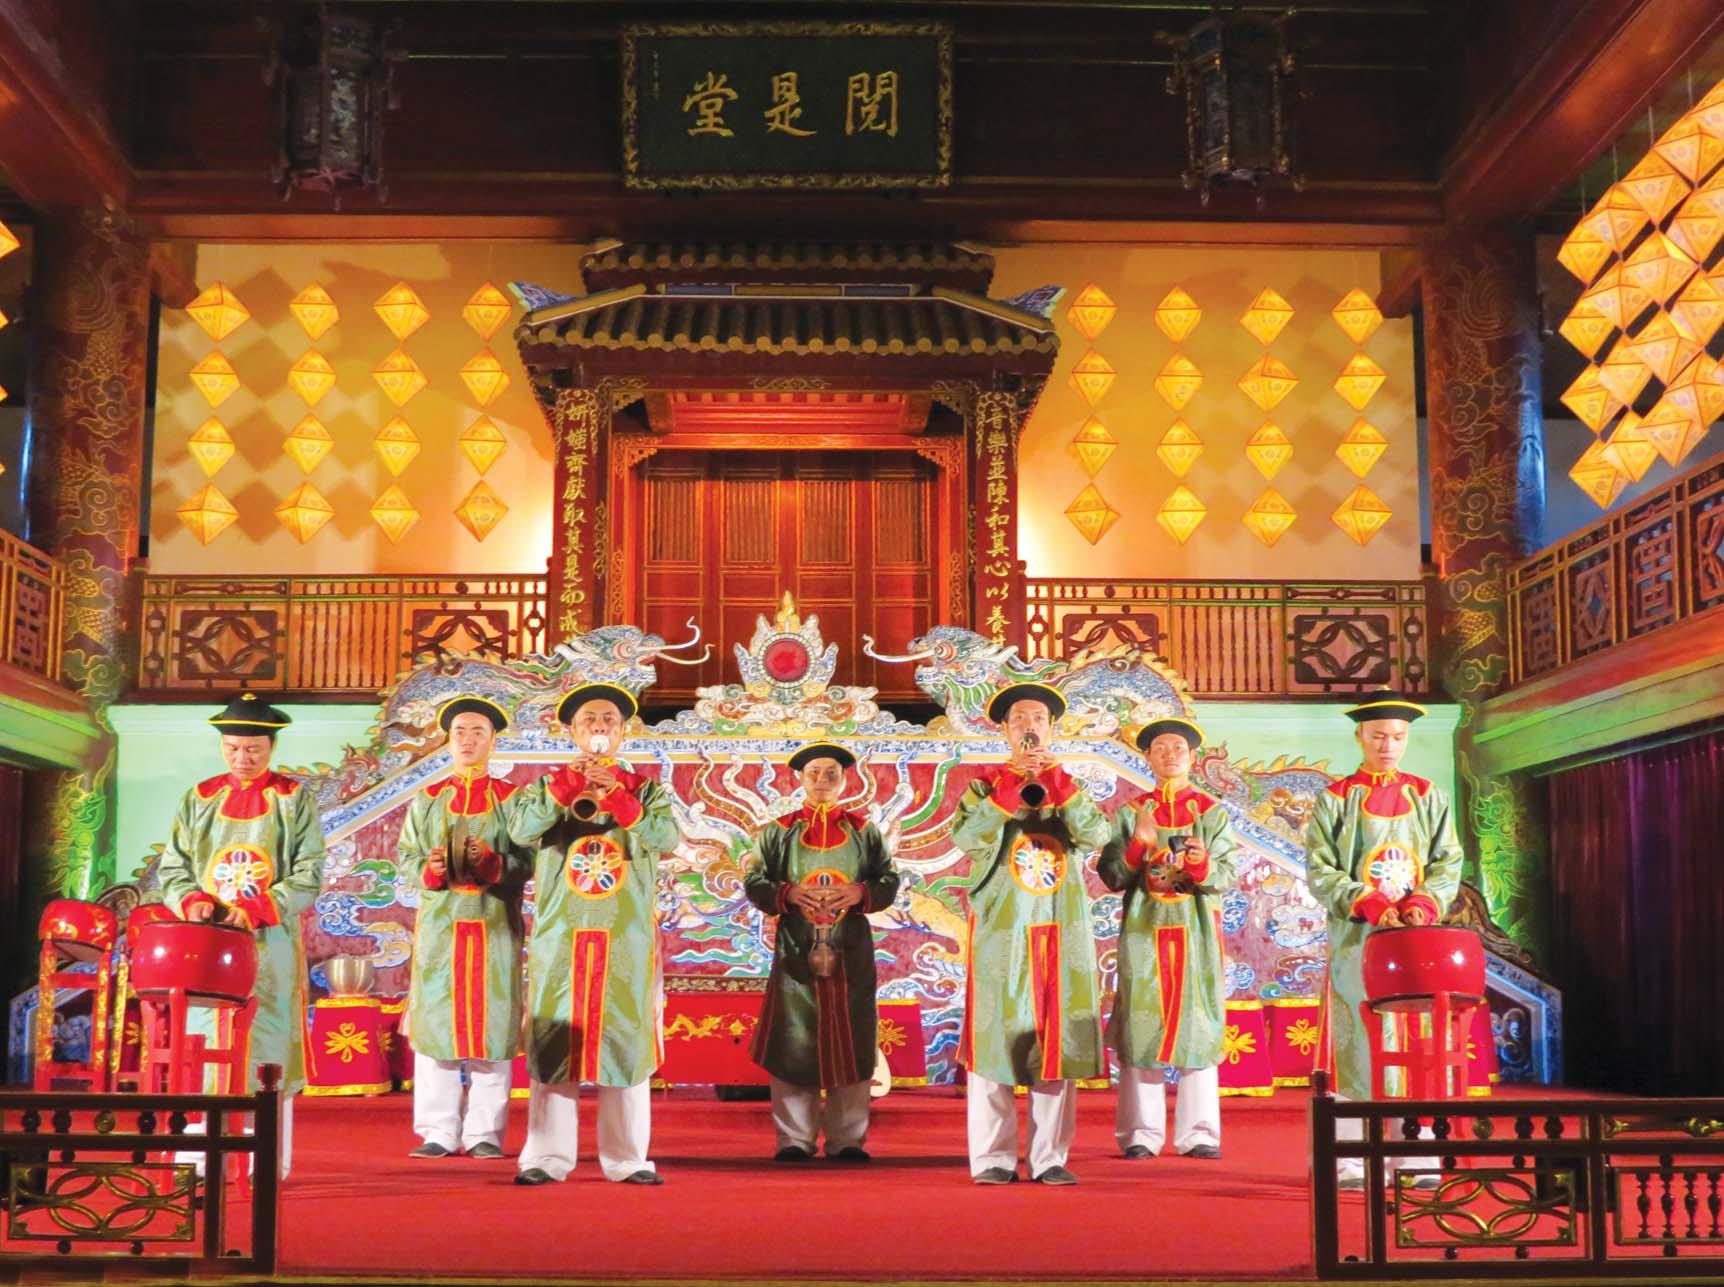 Dàn nhạc Nhã nhạc cung đình Huế biểu diễn tại Nhà hát Nghệ thuật cung đình Huế - ảnh: internet